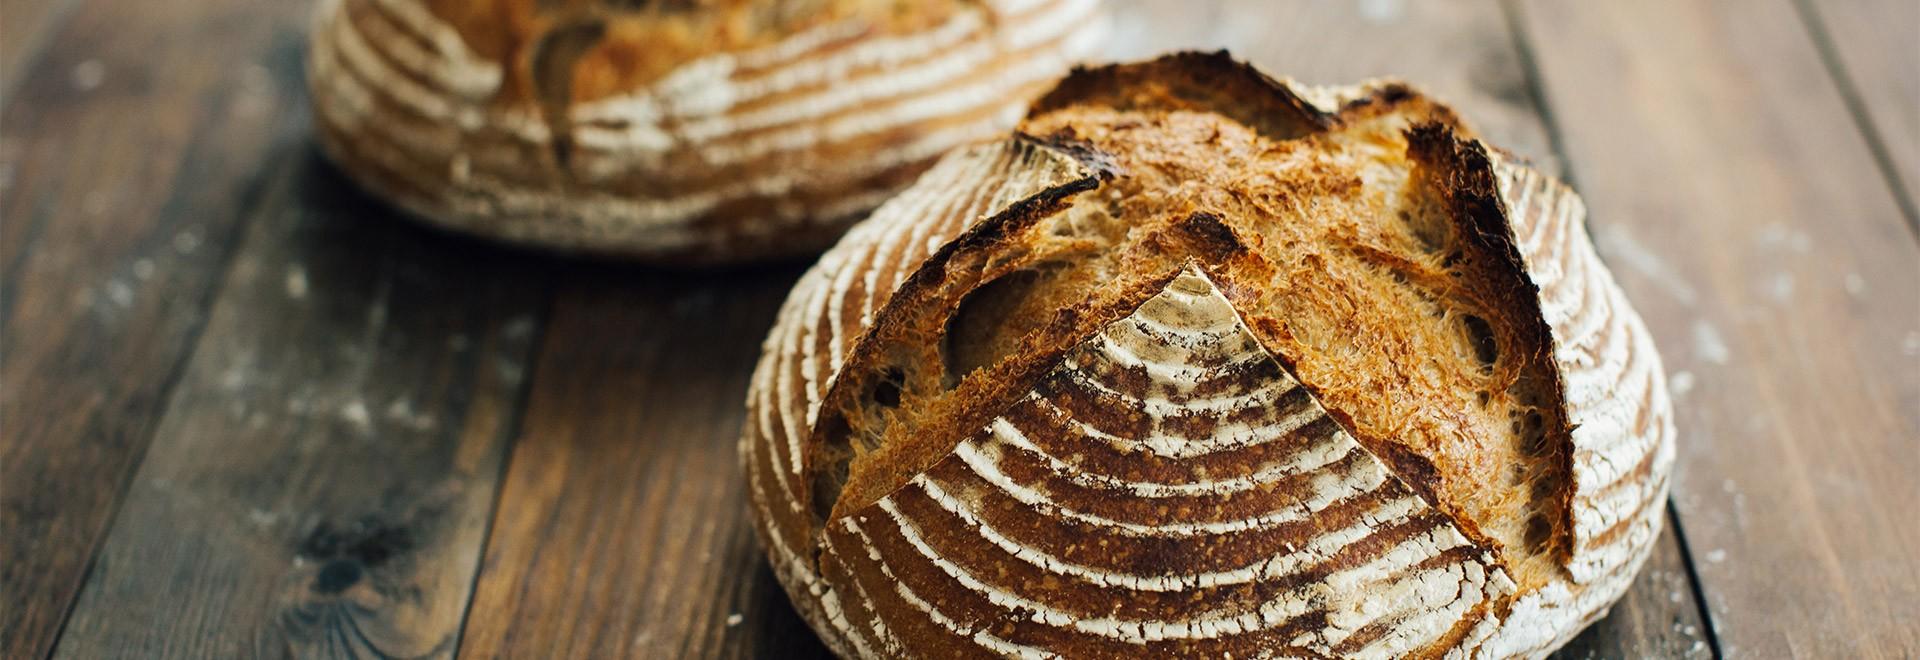 Cinq outils et accessoires pour confectionner du pain